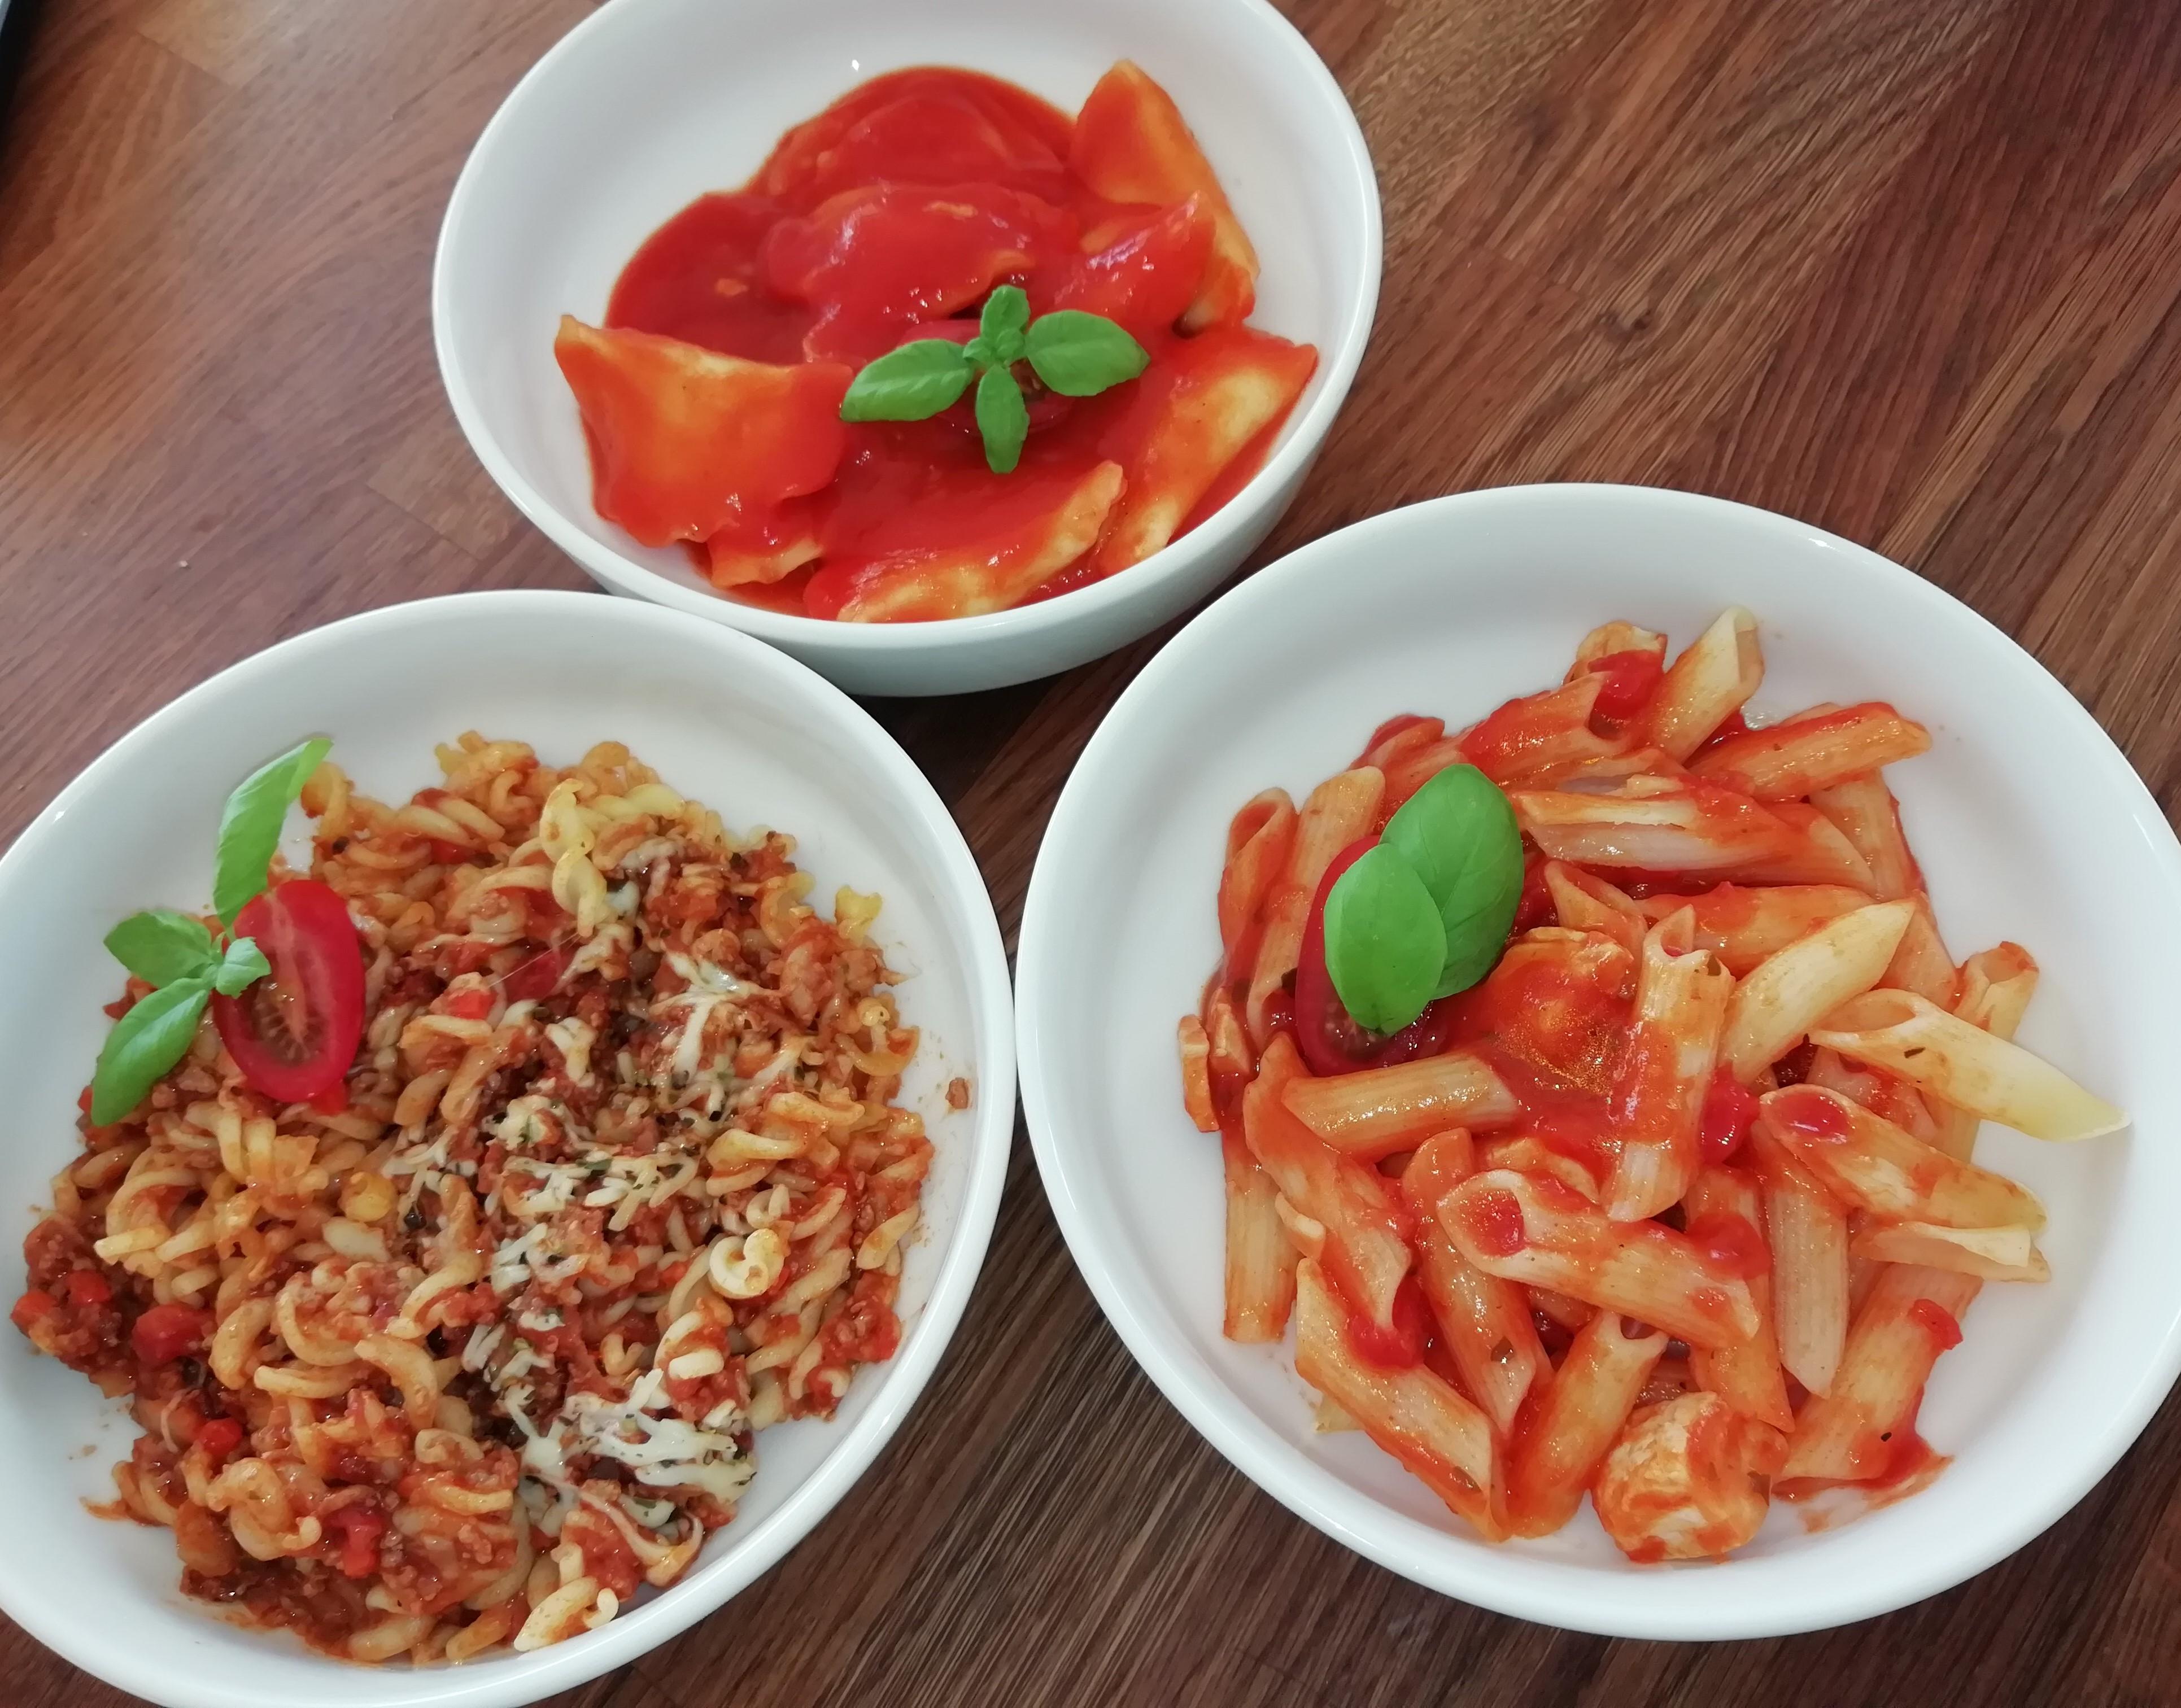 Erfahrung glutenfreie Kids Menüs von Apetito